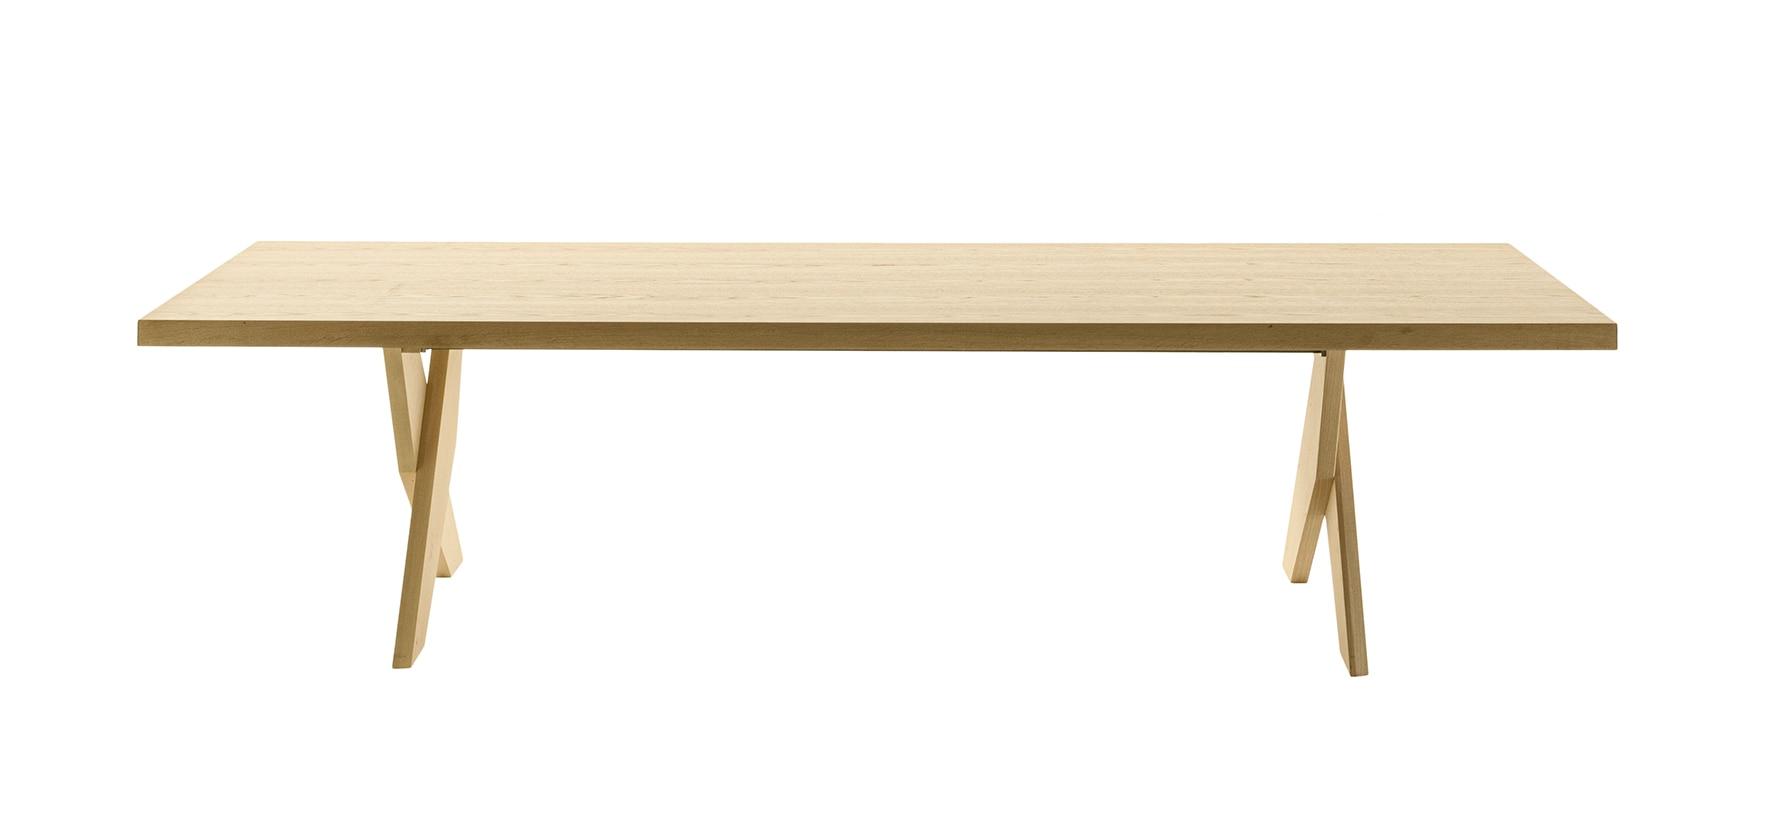 Tavolo Ares, design Antonio Citterio, con struttura in massello e solide gambe in legno disposte a X, MAXALTO (tre lunghezze da 300 a 450 cm, 6.458 € +Iva).